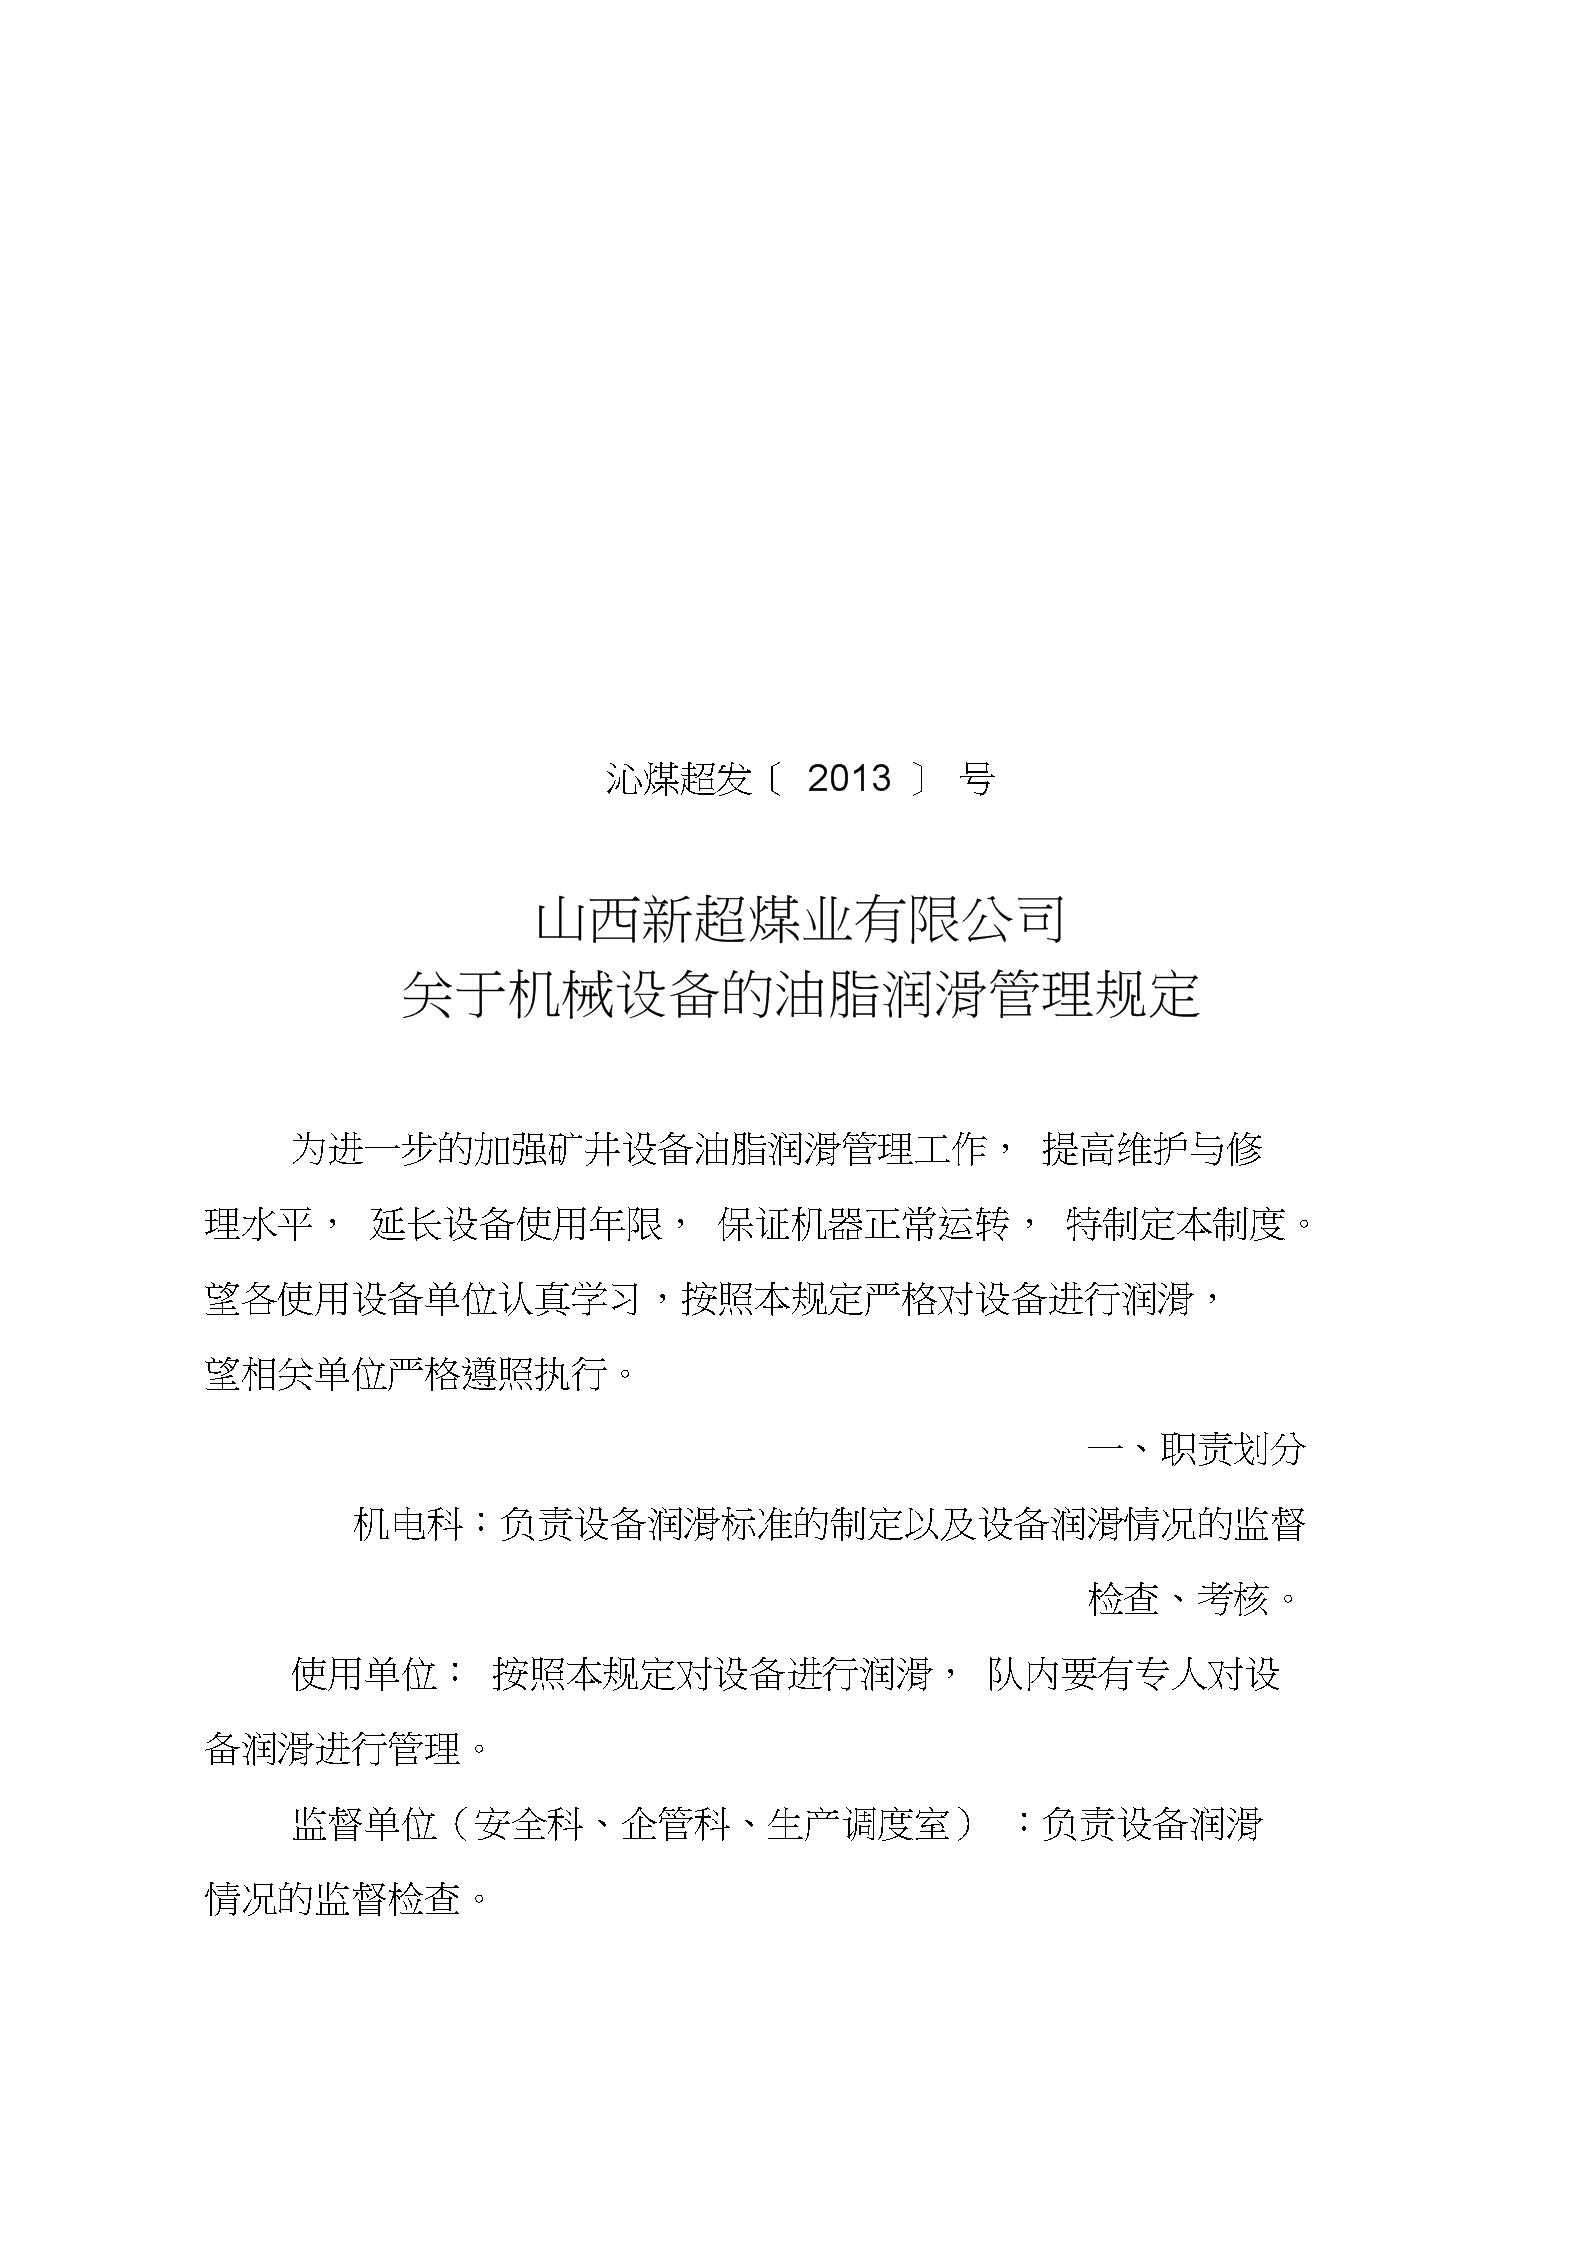 新超煤矿机械设备油脂润滑管理规定(已修改20131230).docx